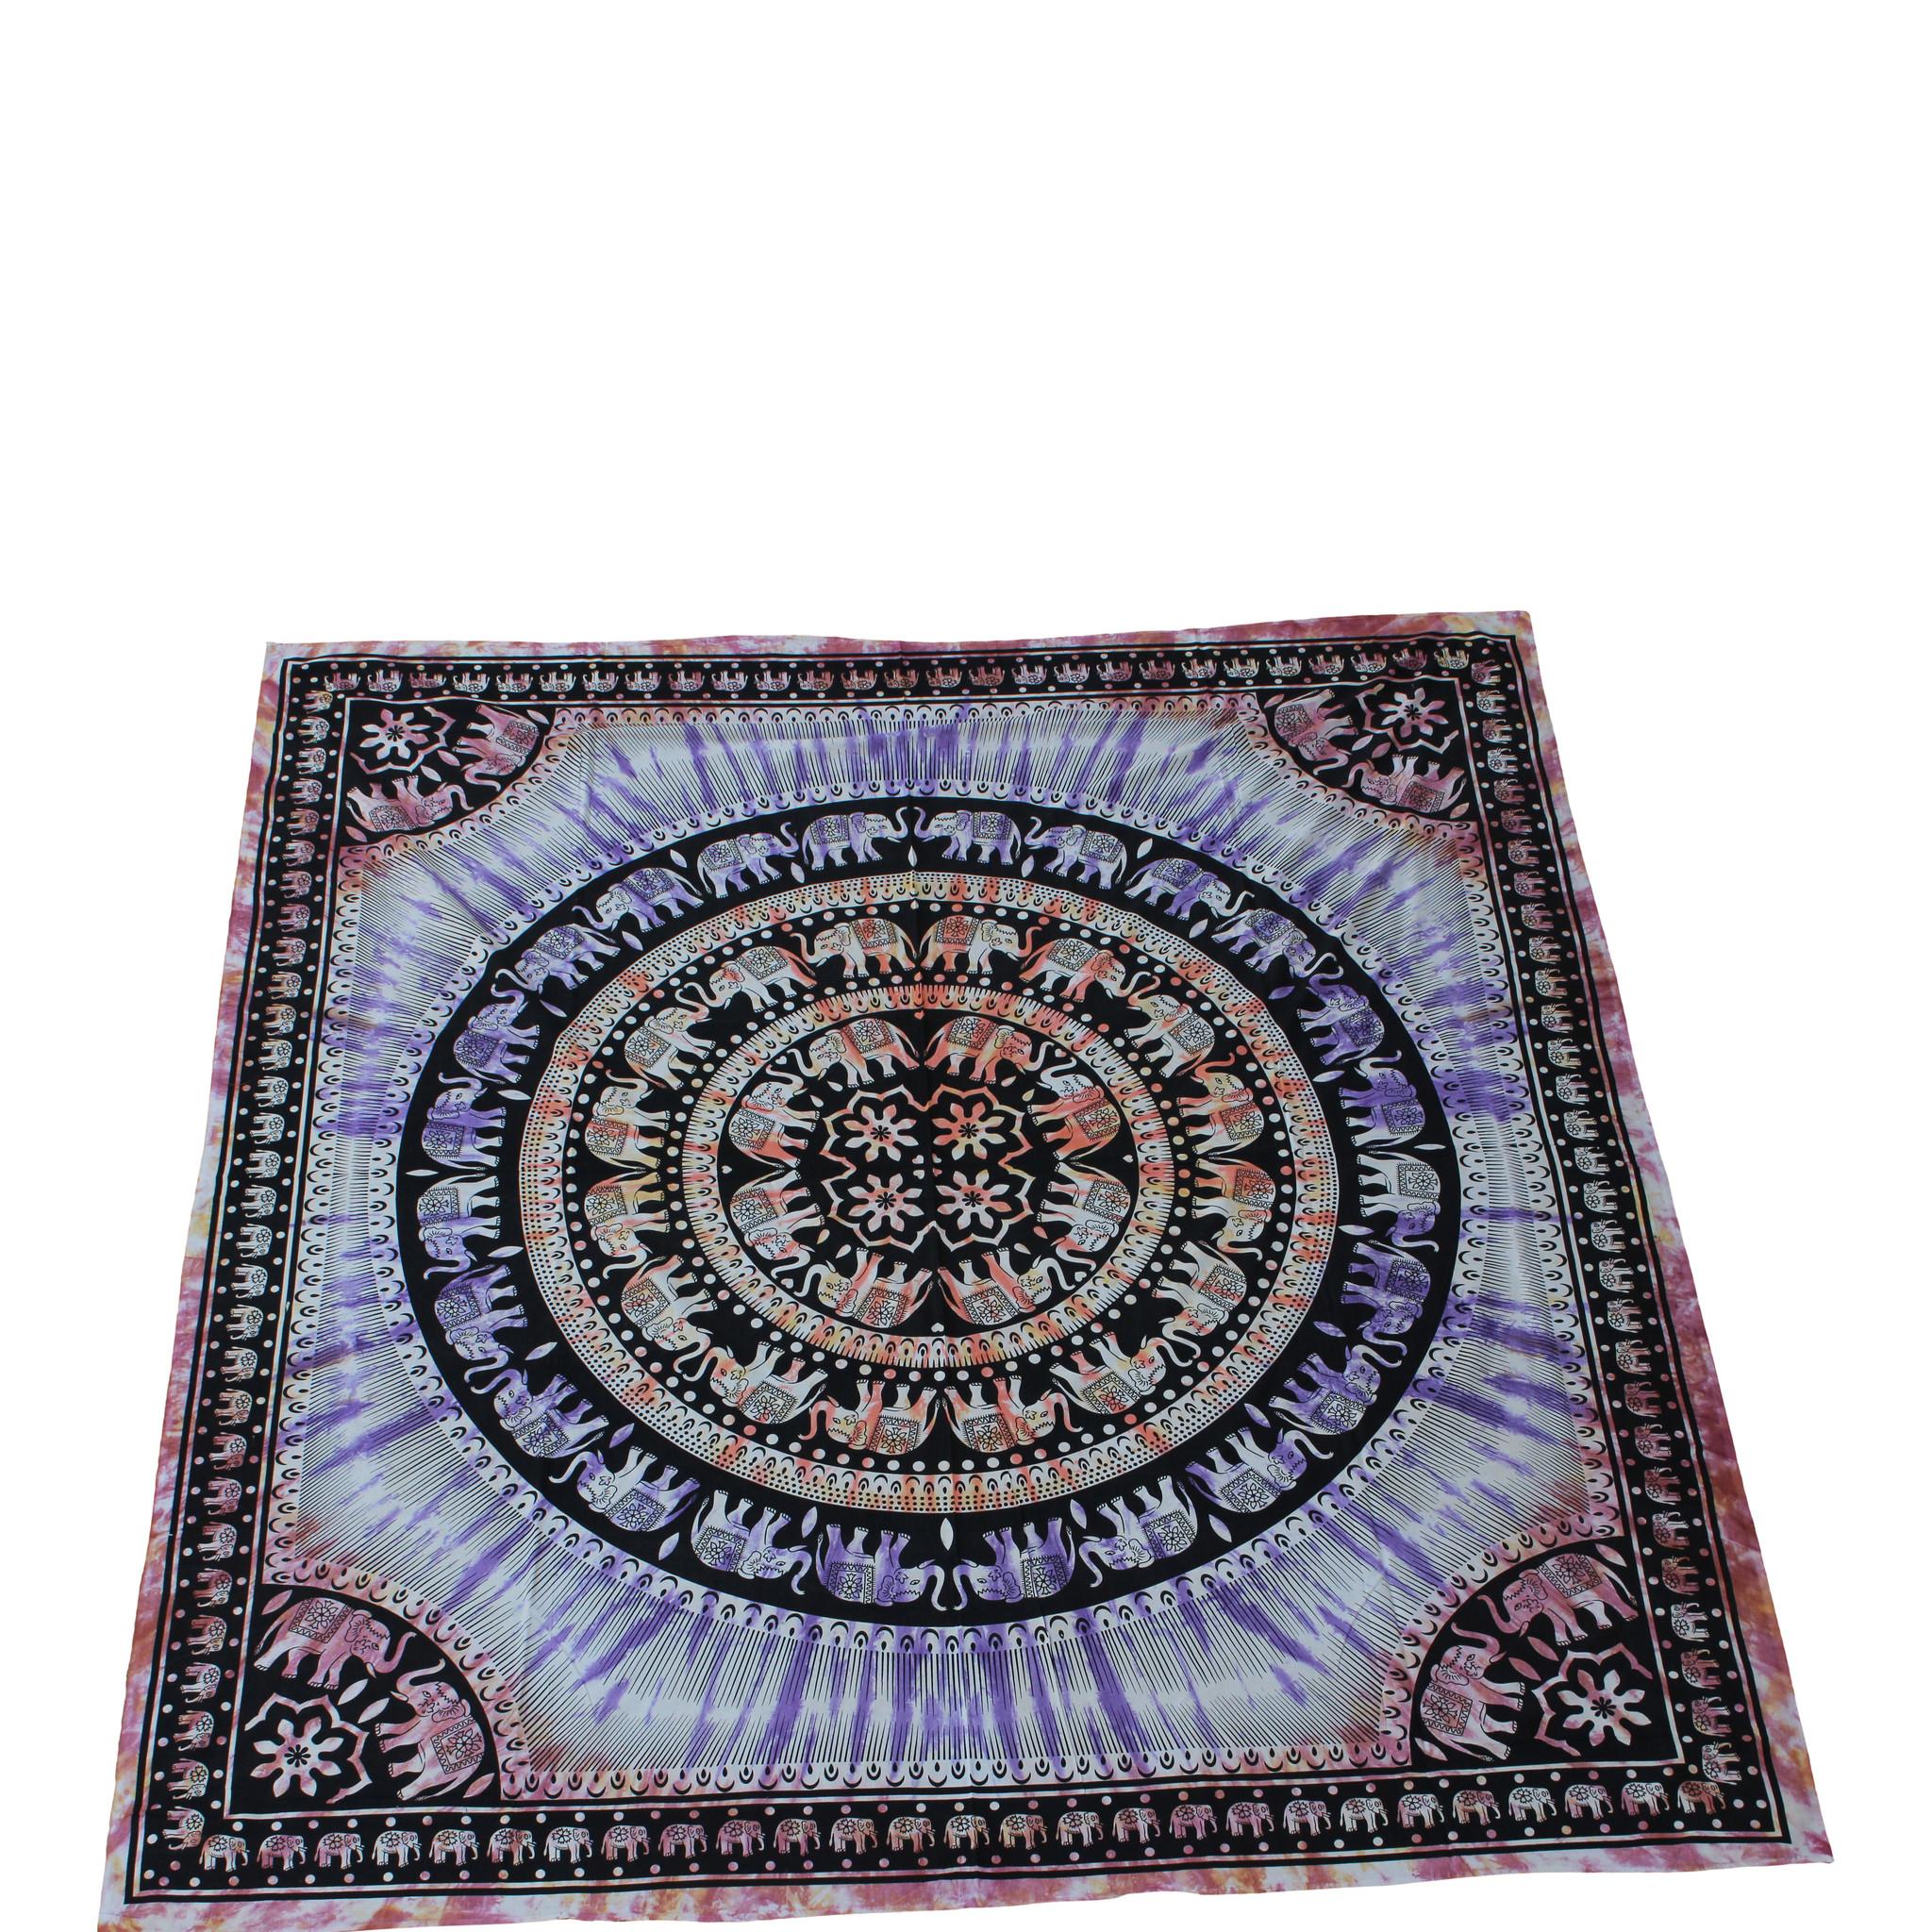 Myroundie Myroundie - roundie - vierkant strandlaken XL – yoga kleed- speelkleed - picknickkleed -100% katoen – Q48